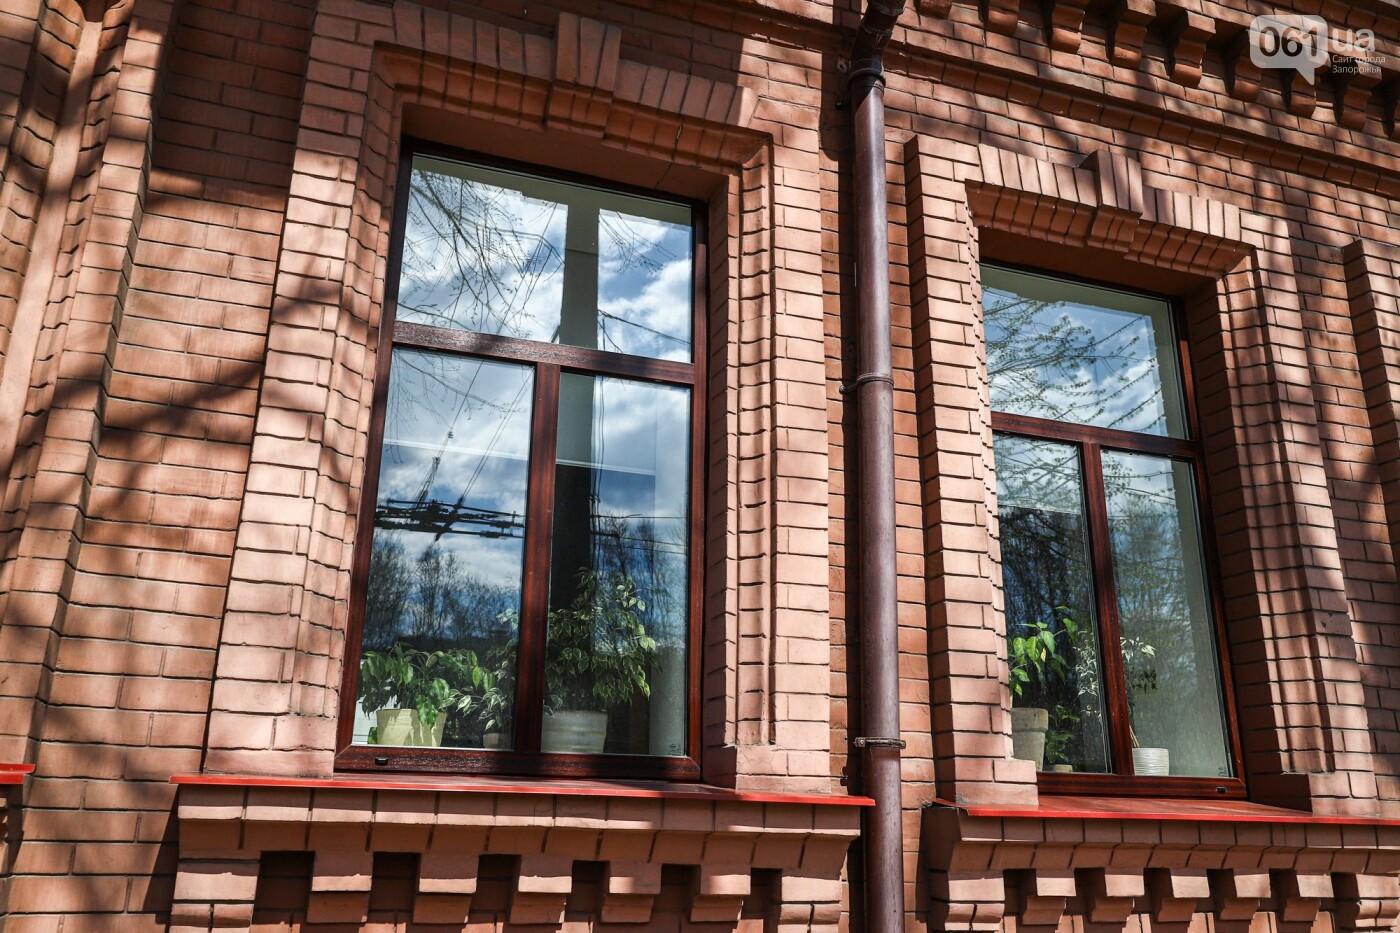 Памятники Старого Александровска: как сейчас выглядит доходный дом Регирера, - ФОТО, фото-13